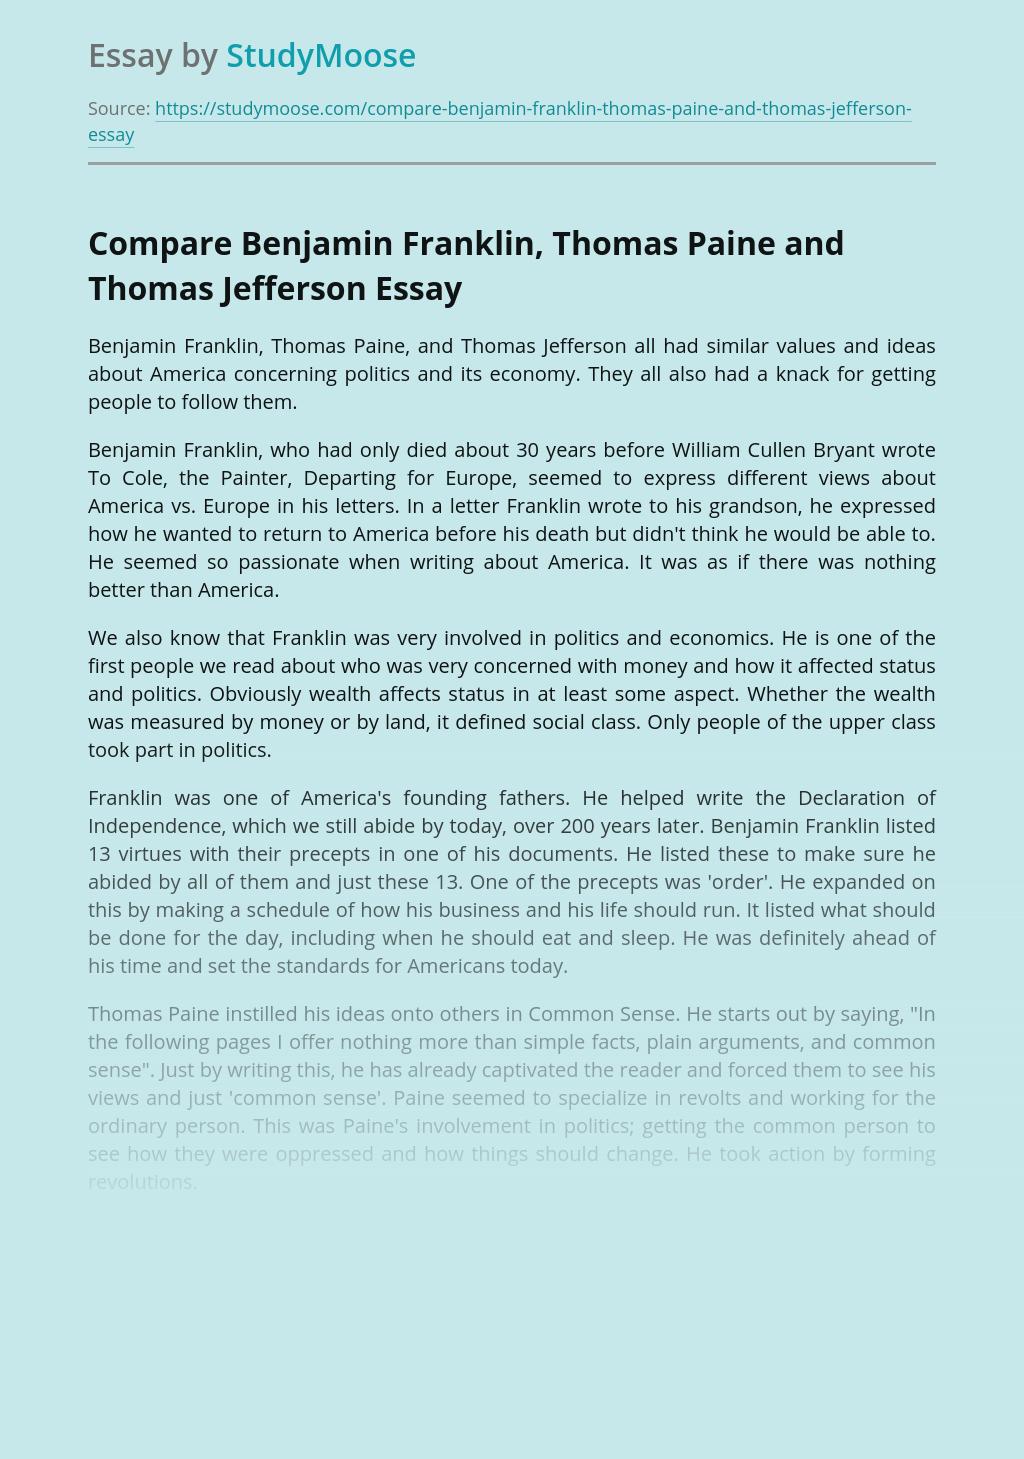 Compare Benjamin Franklin, Thomas Paine and Thomas Jefferson